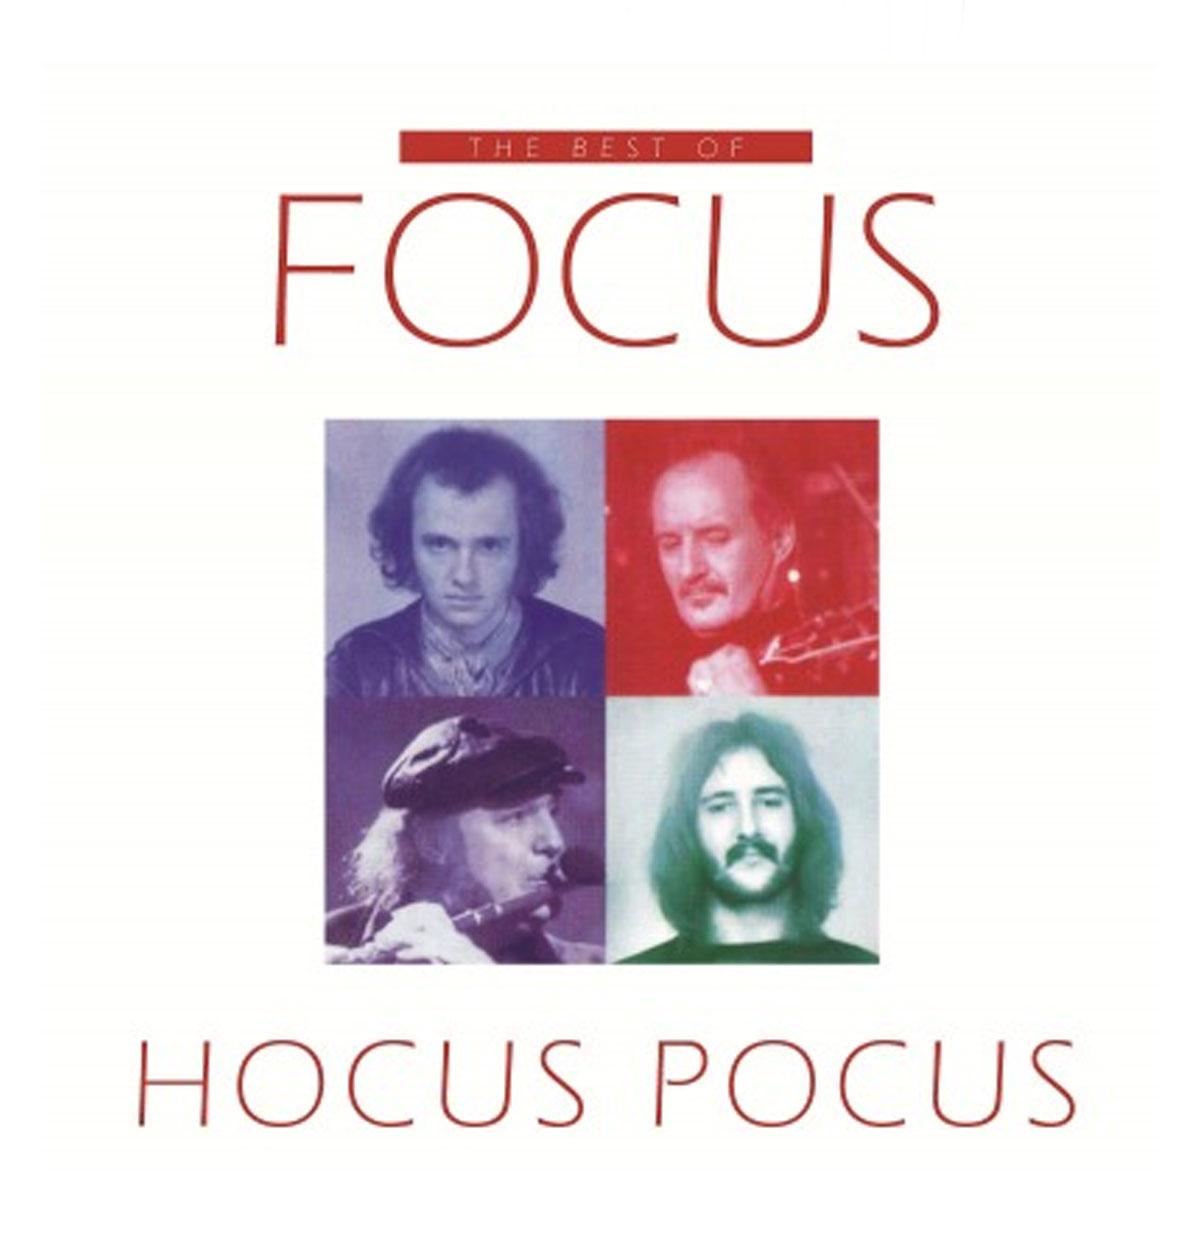 Focus - Hocus Pocus / Best of Focus 2LP